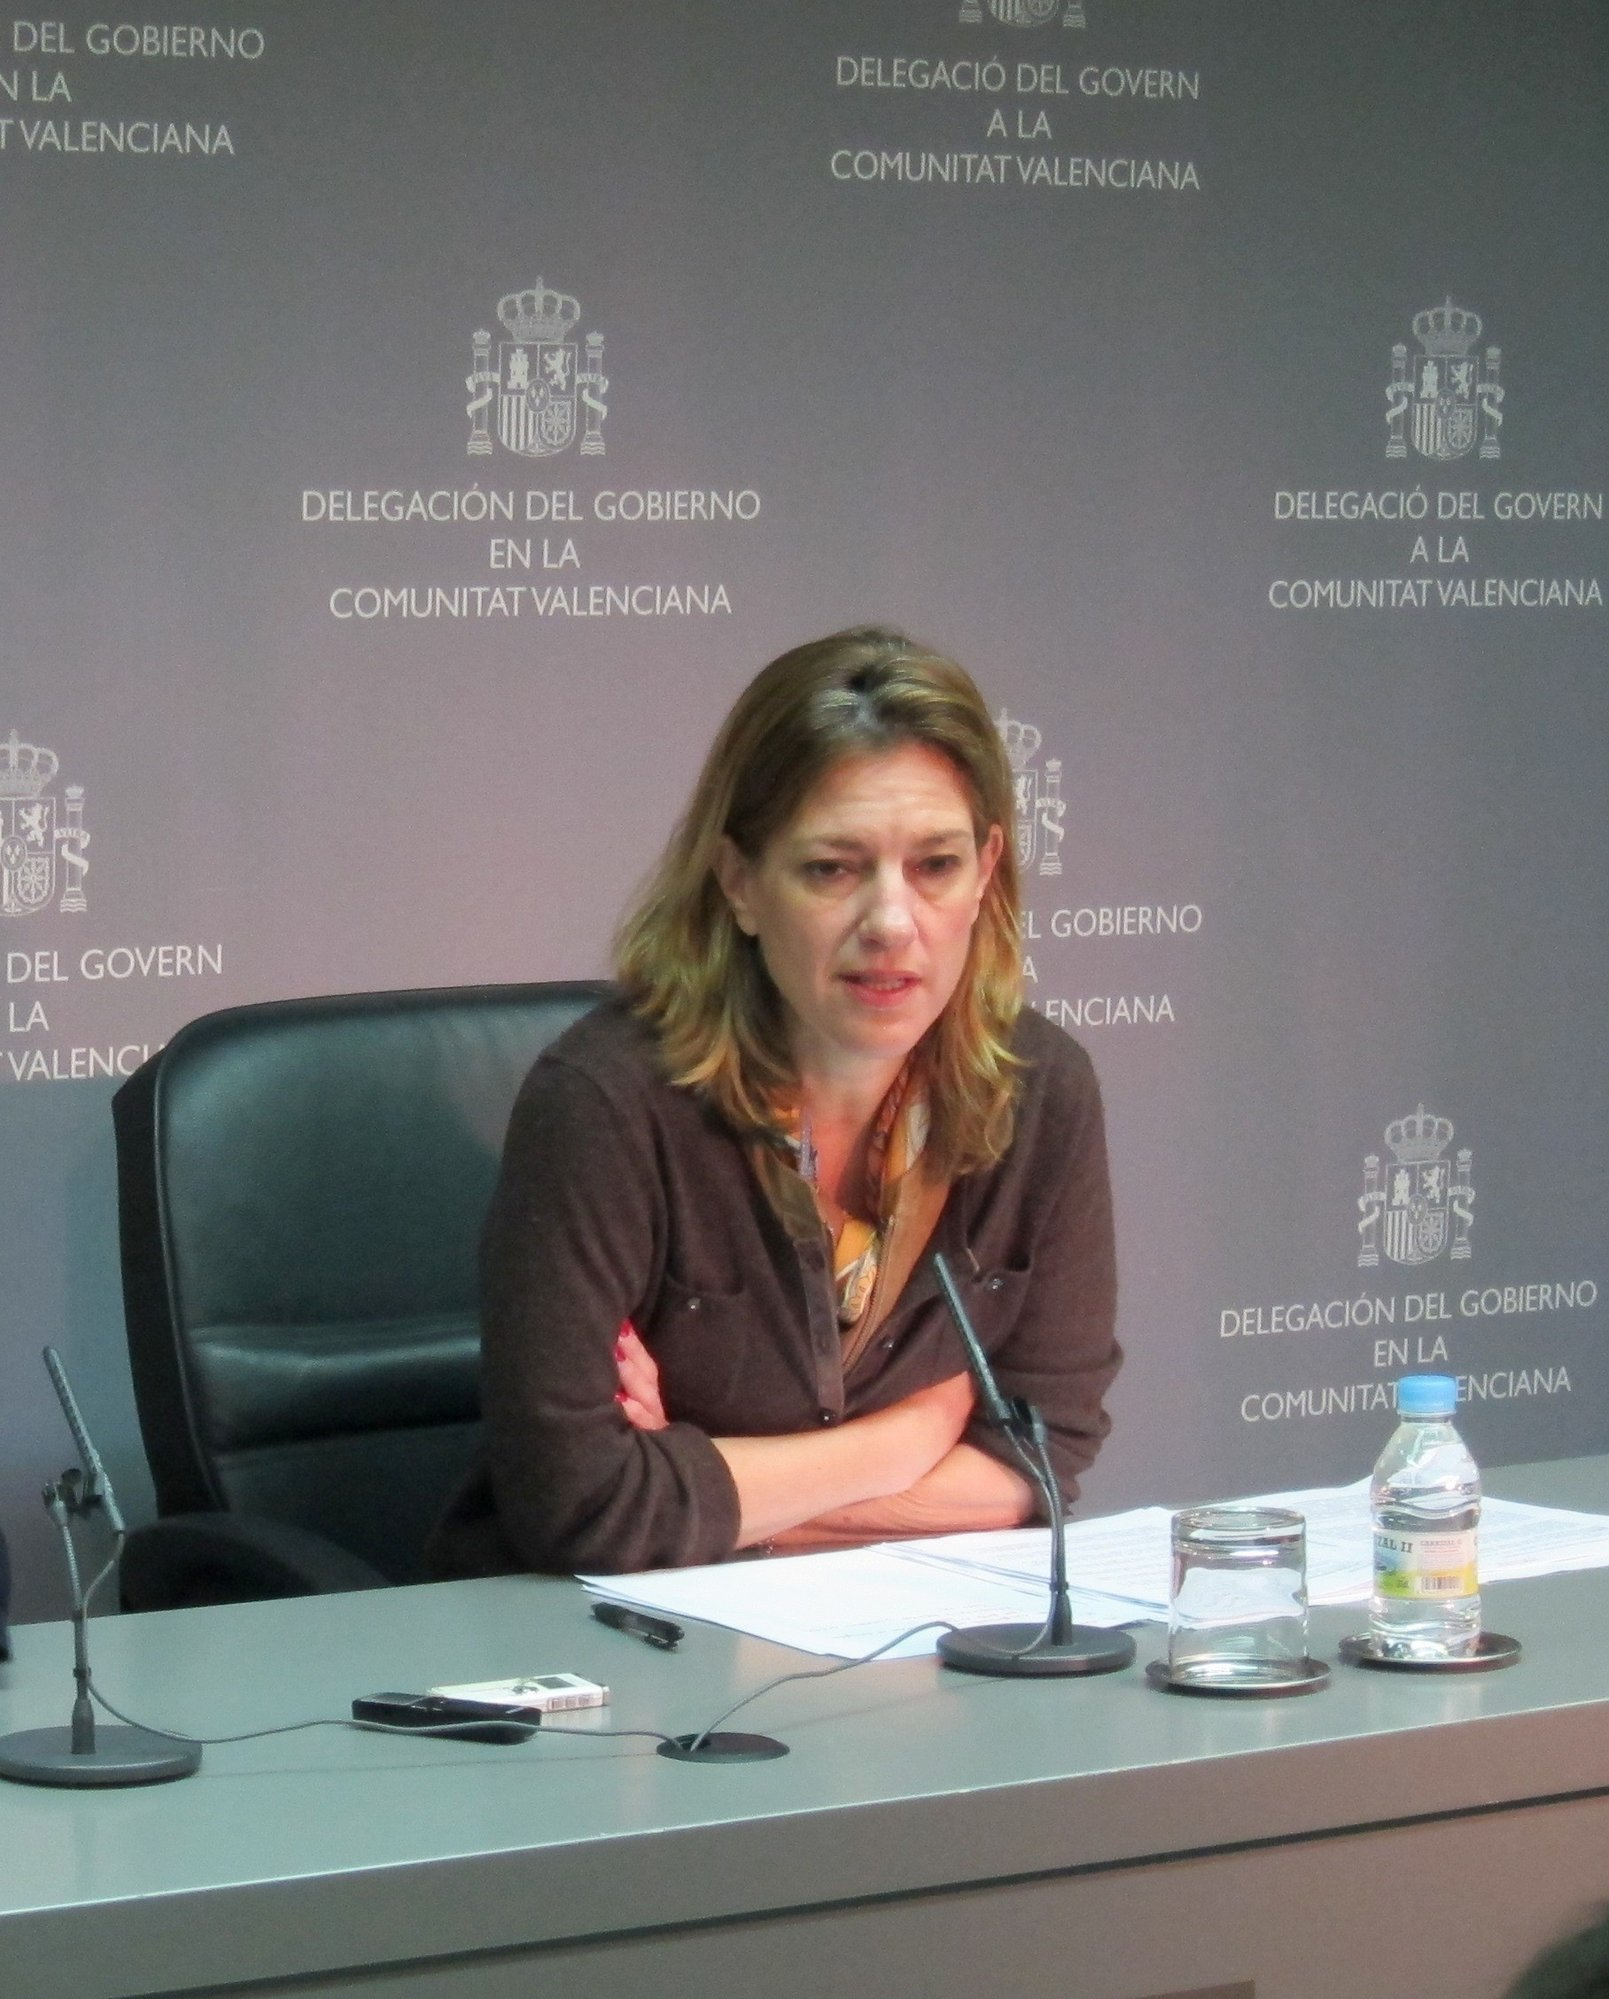 Delegada del Gobierno en Valencia dice que si los policías se extralimitaron con los estudiantes, habrá consecuencias